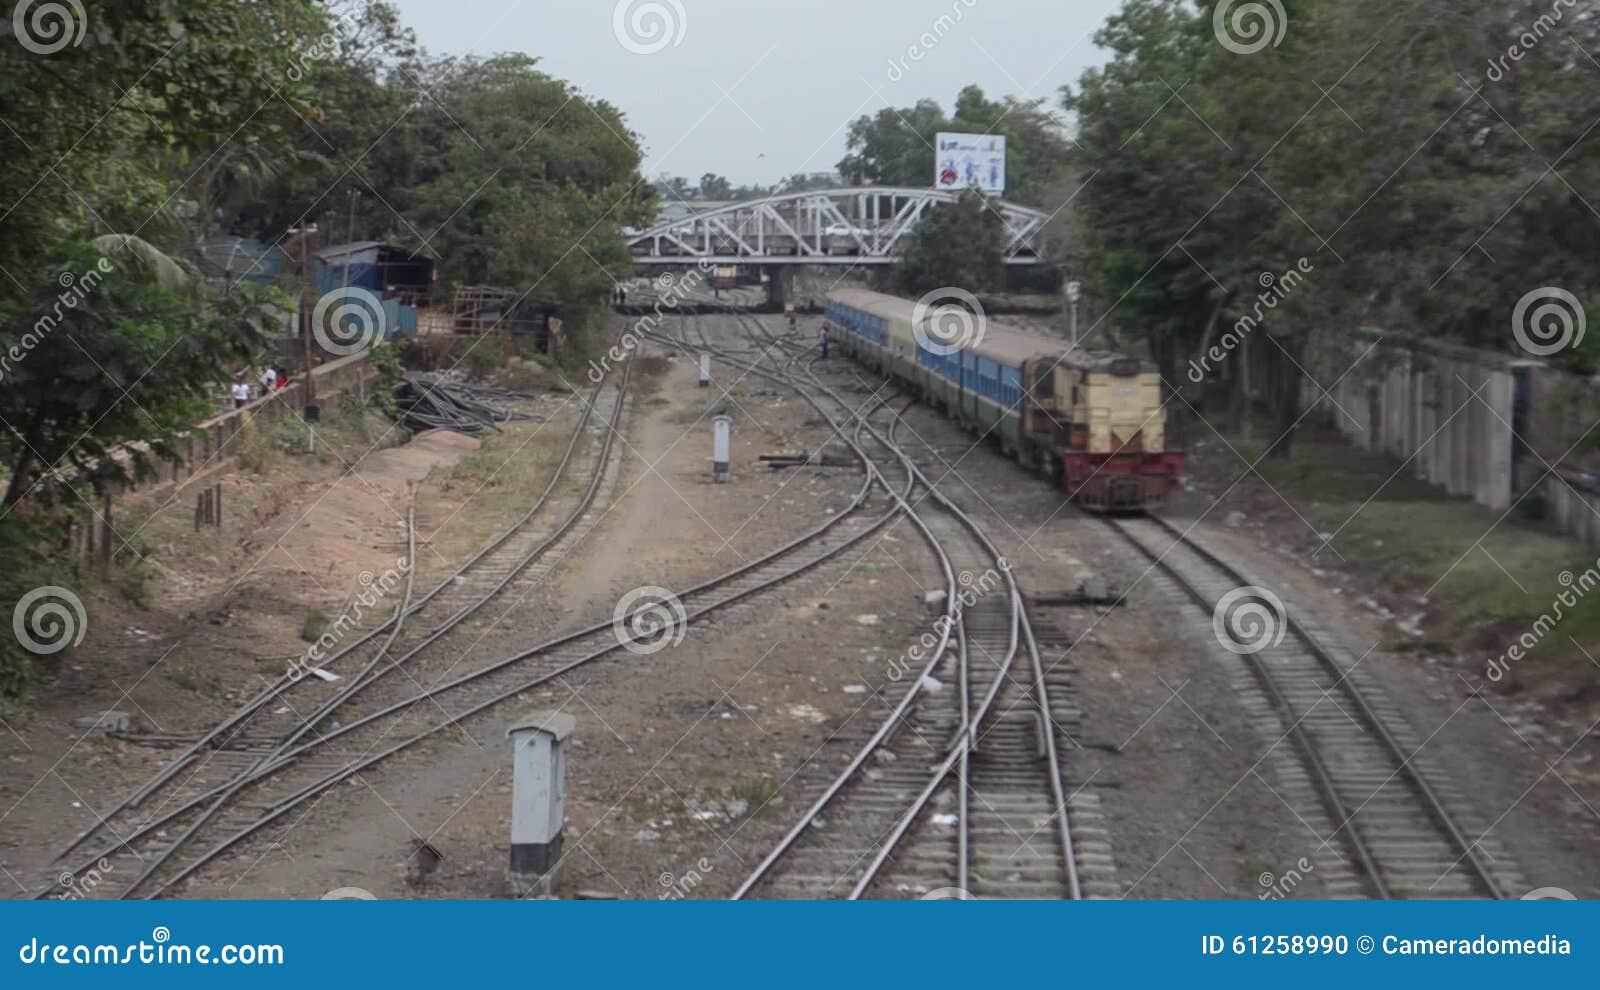 Фото широких поезд — img 8